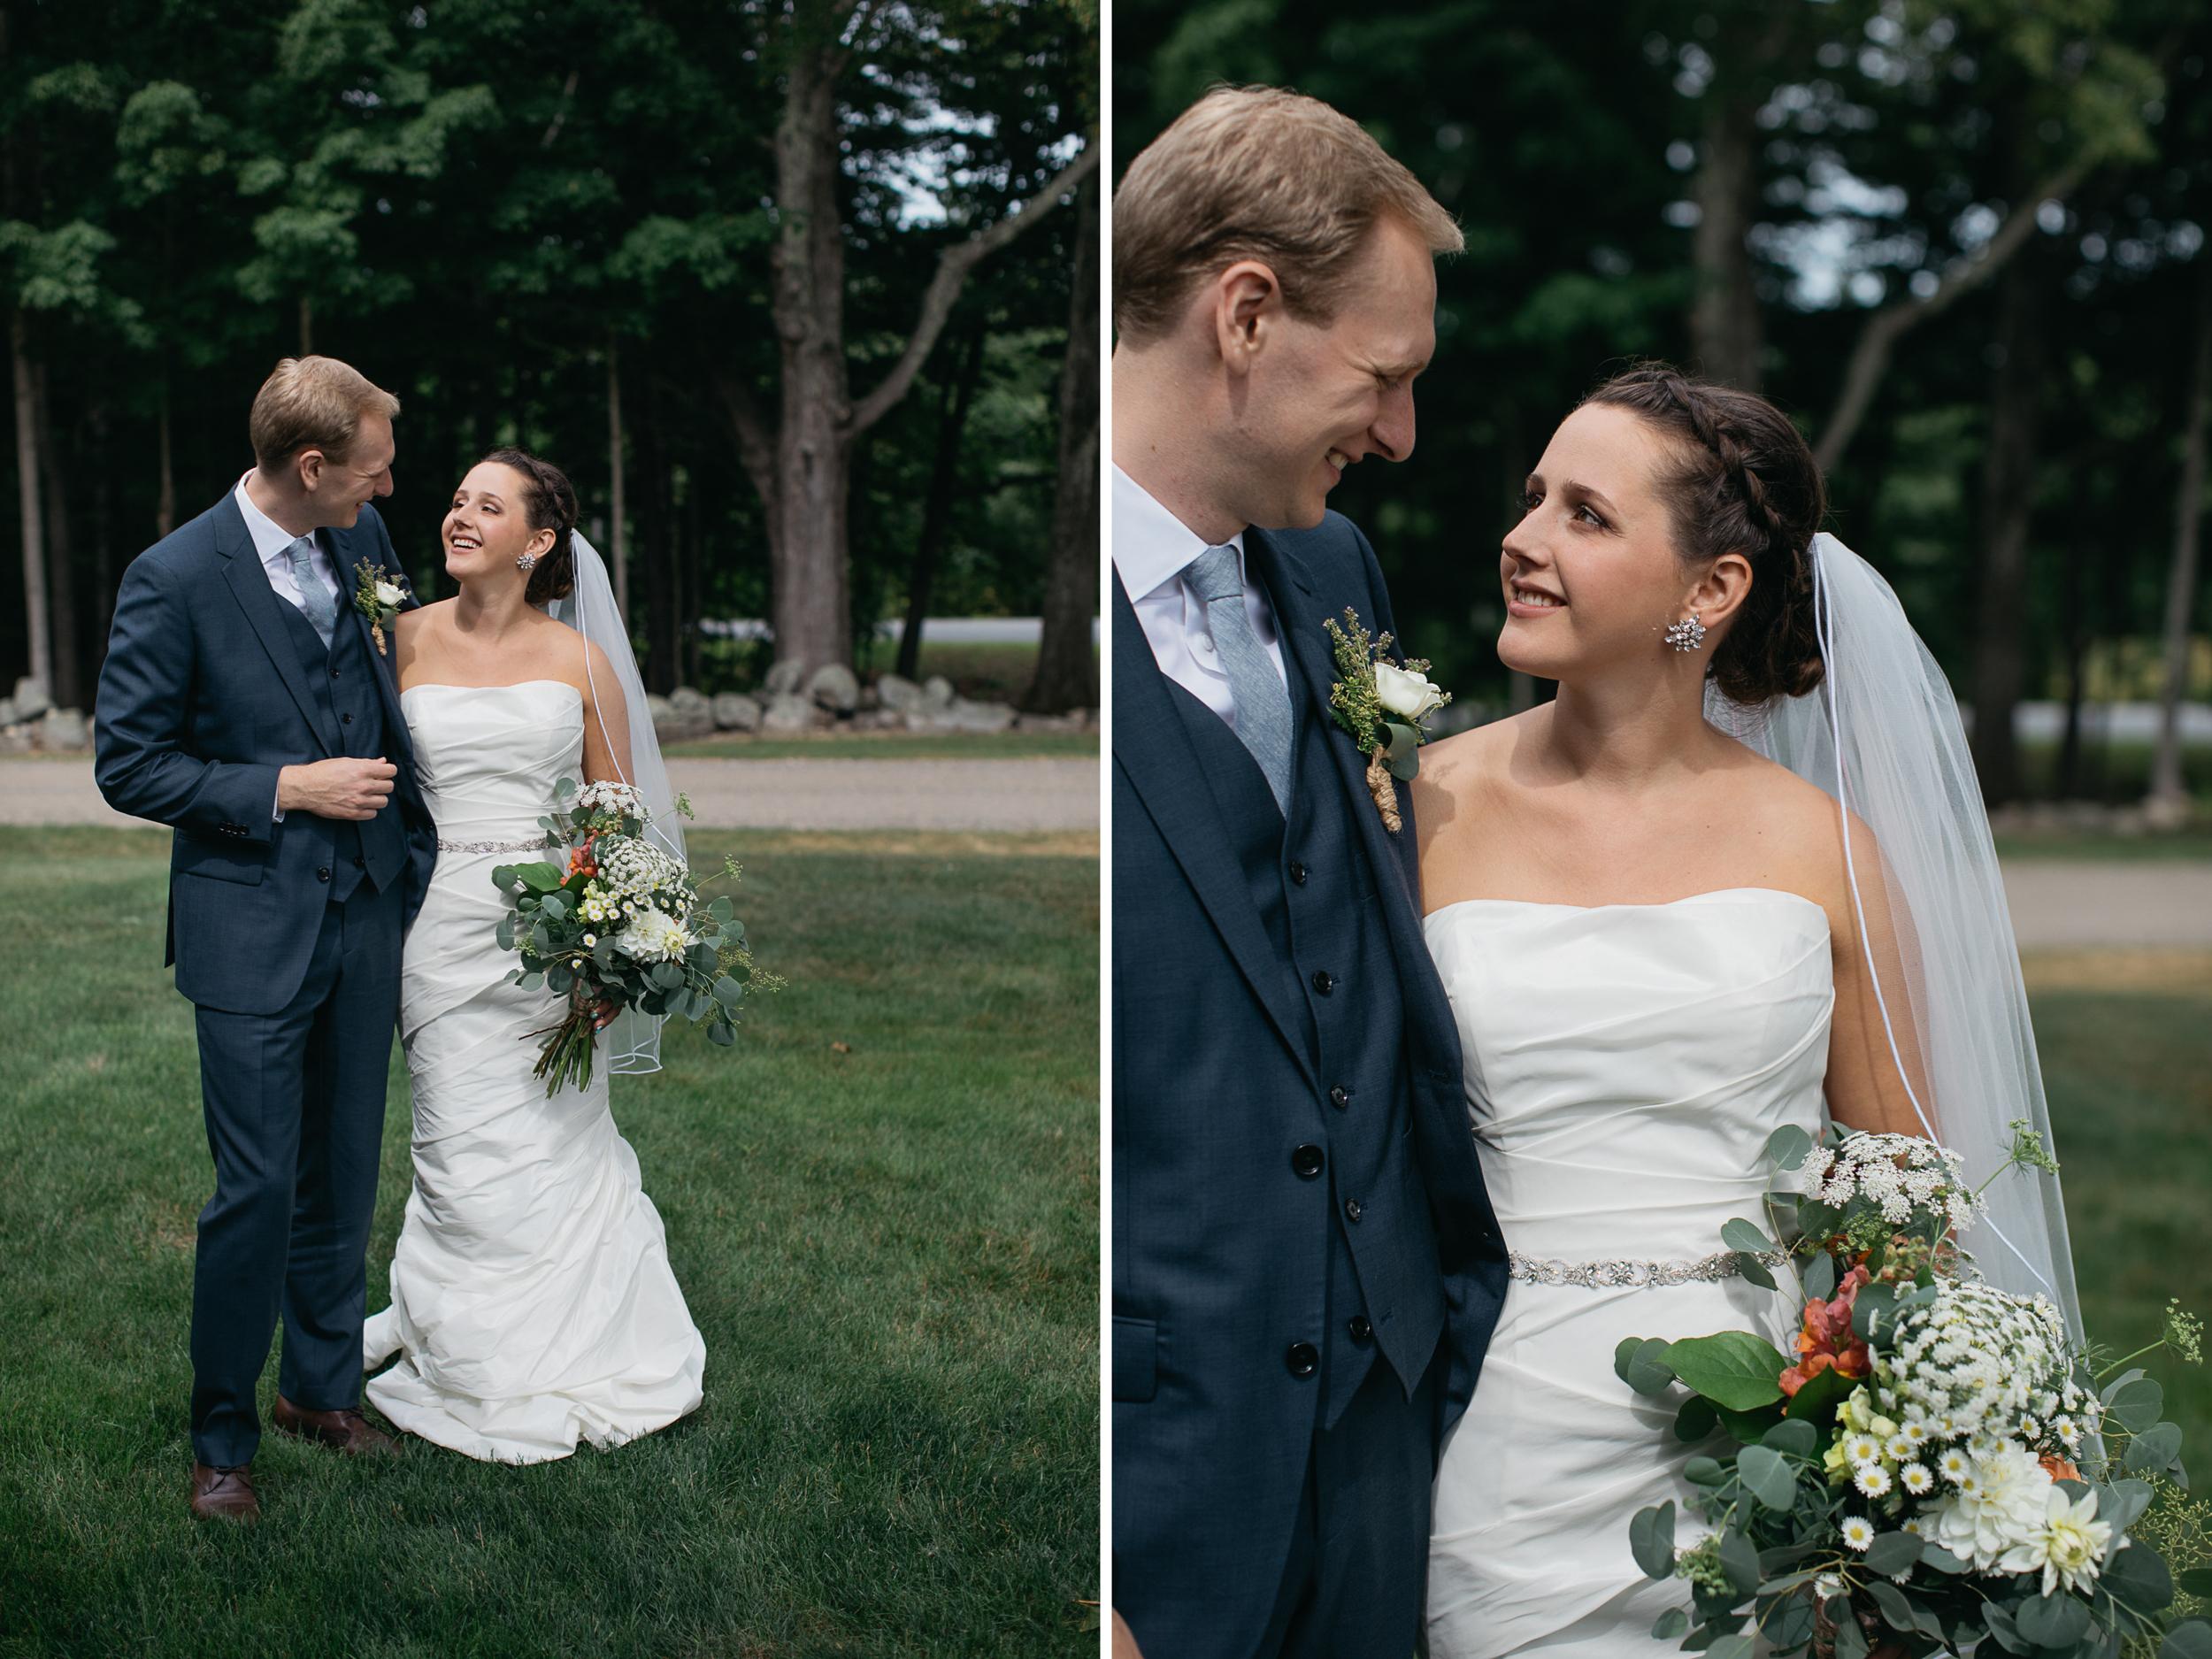 Jessie_Erik_Pownal_Maine_Wedding_William_allen_farm_012.jpg